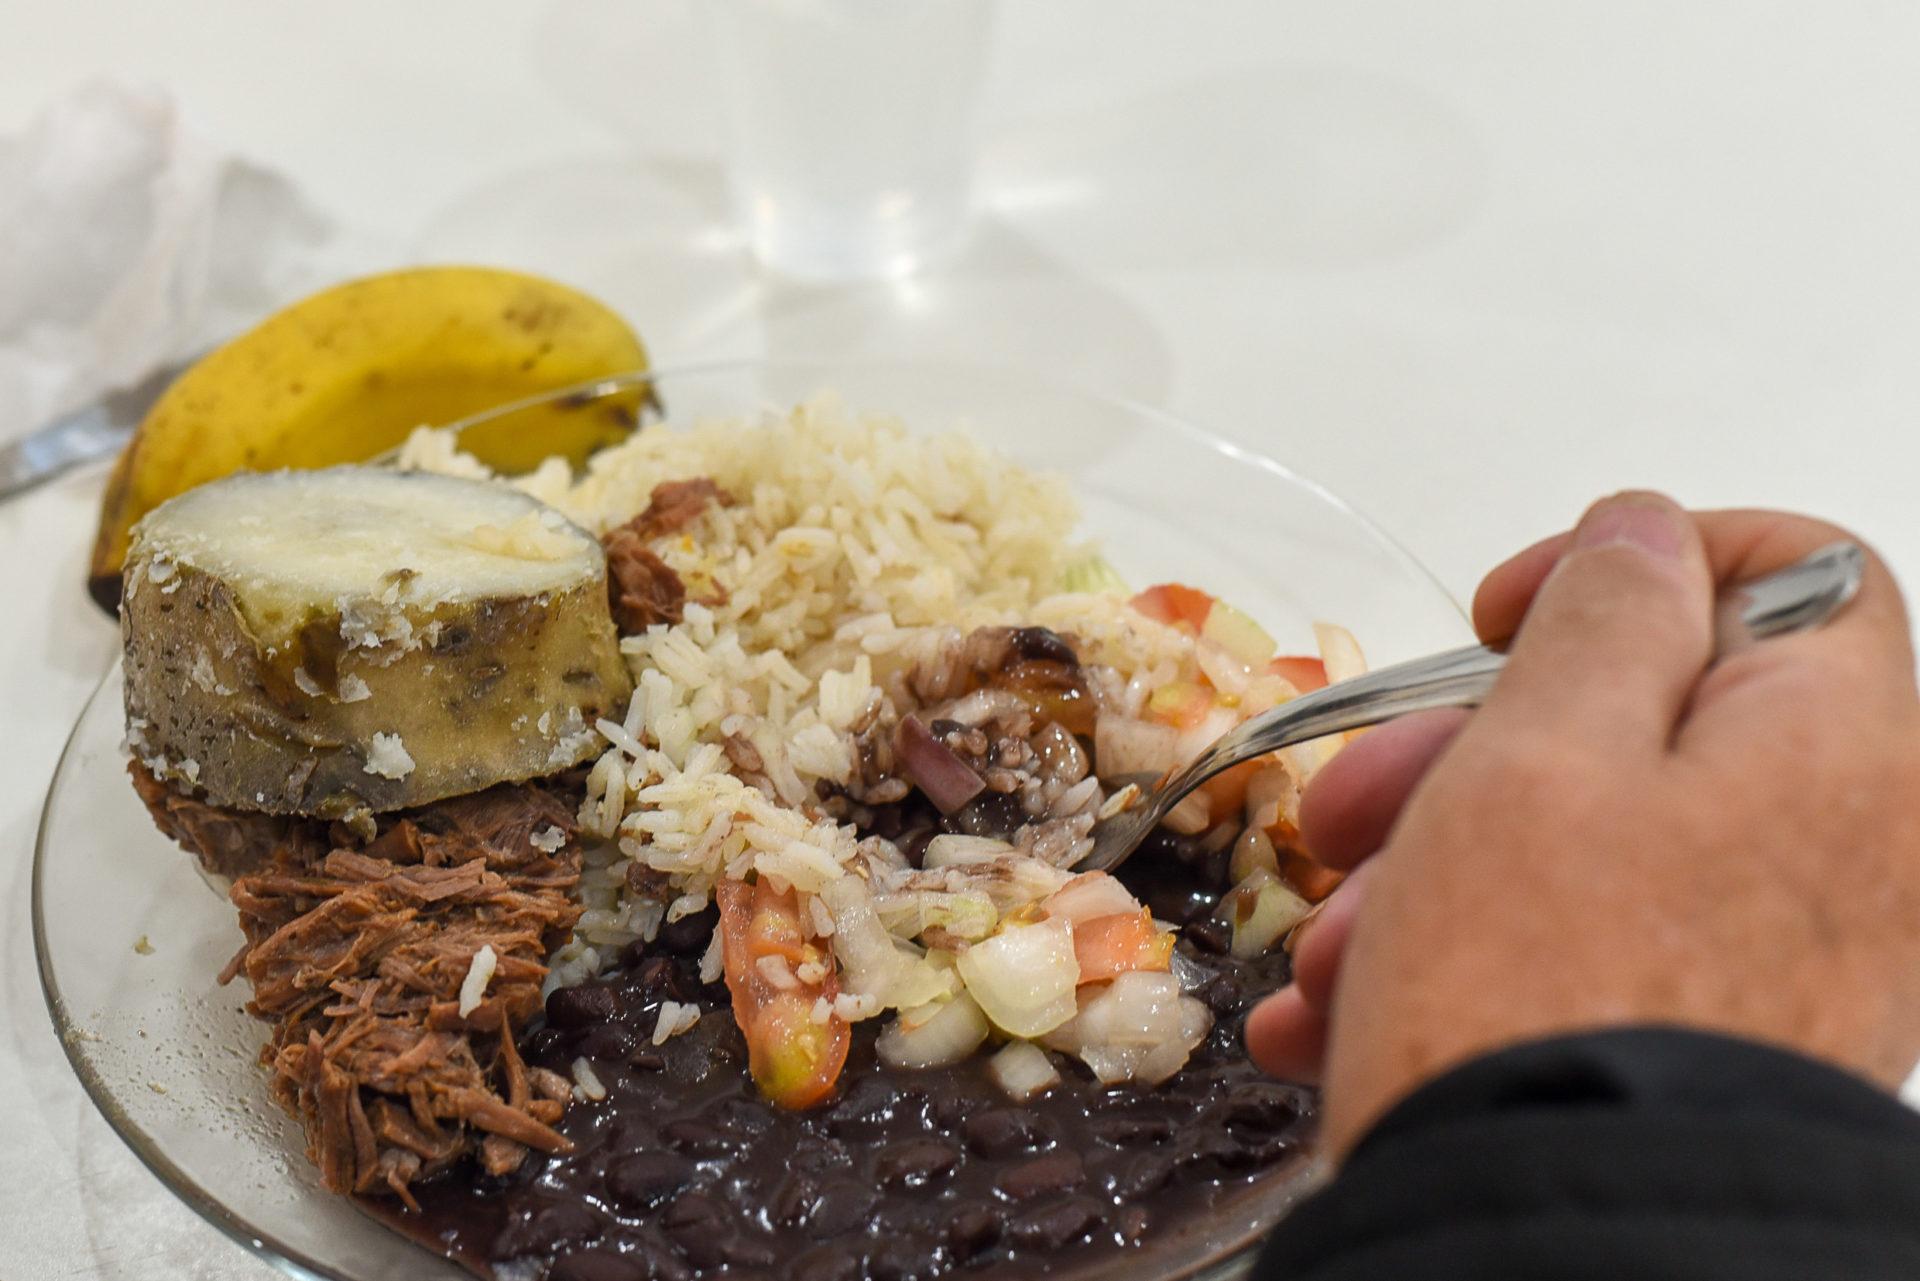 restaurantes vão servir ao todo 300 refeições por dia. Foto: Luciano Lanes/PMPA